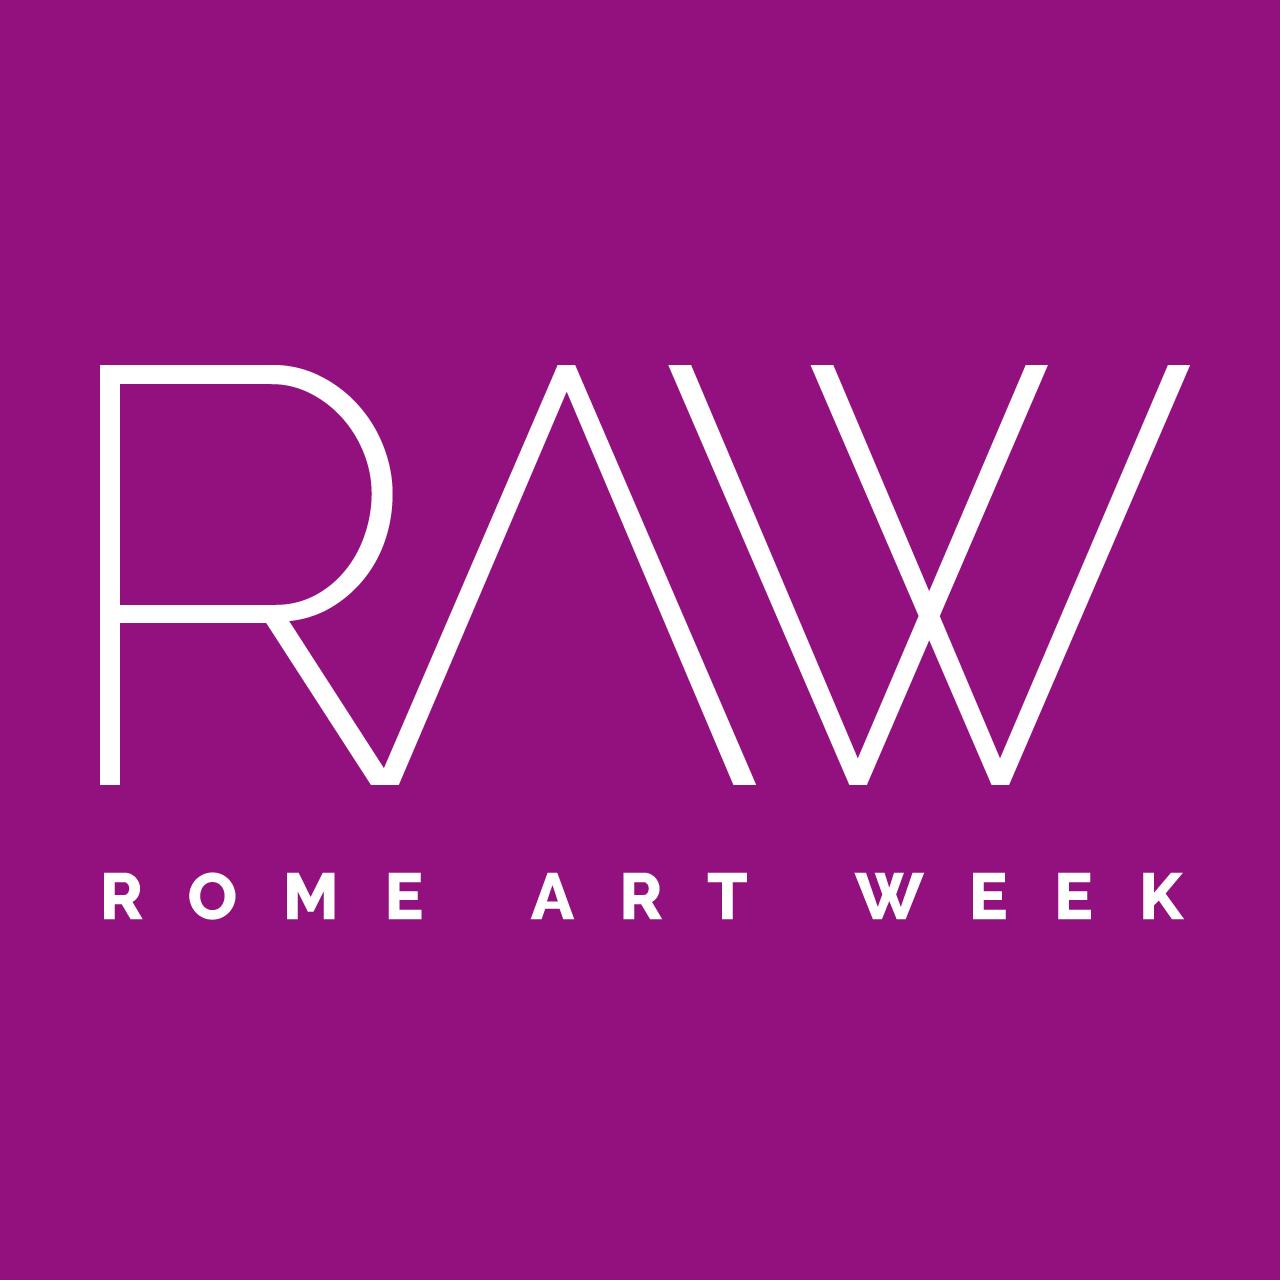 roma this week